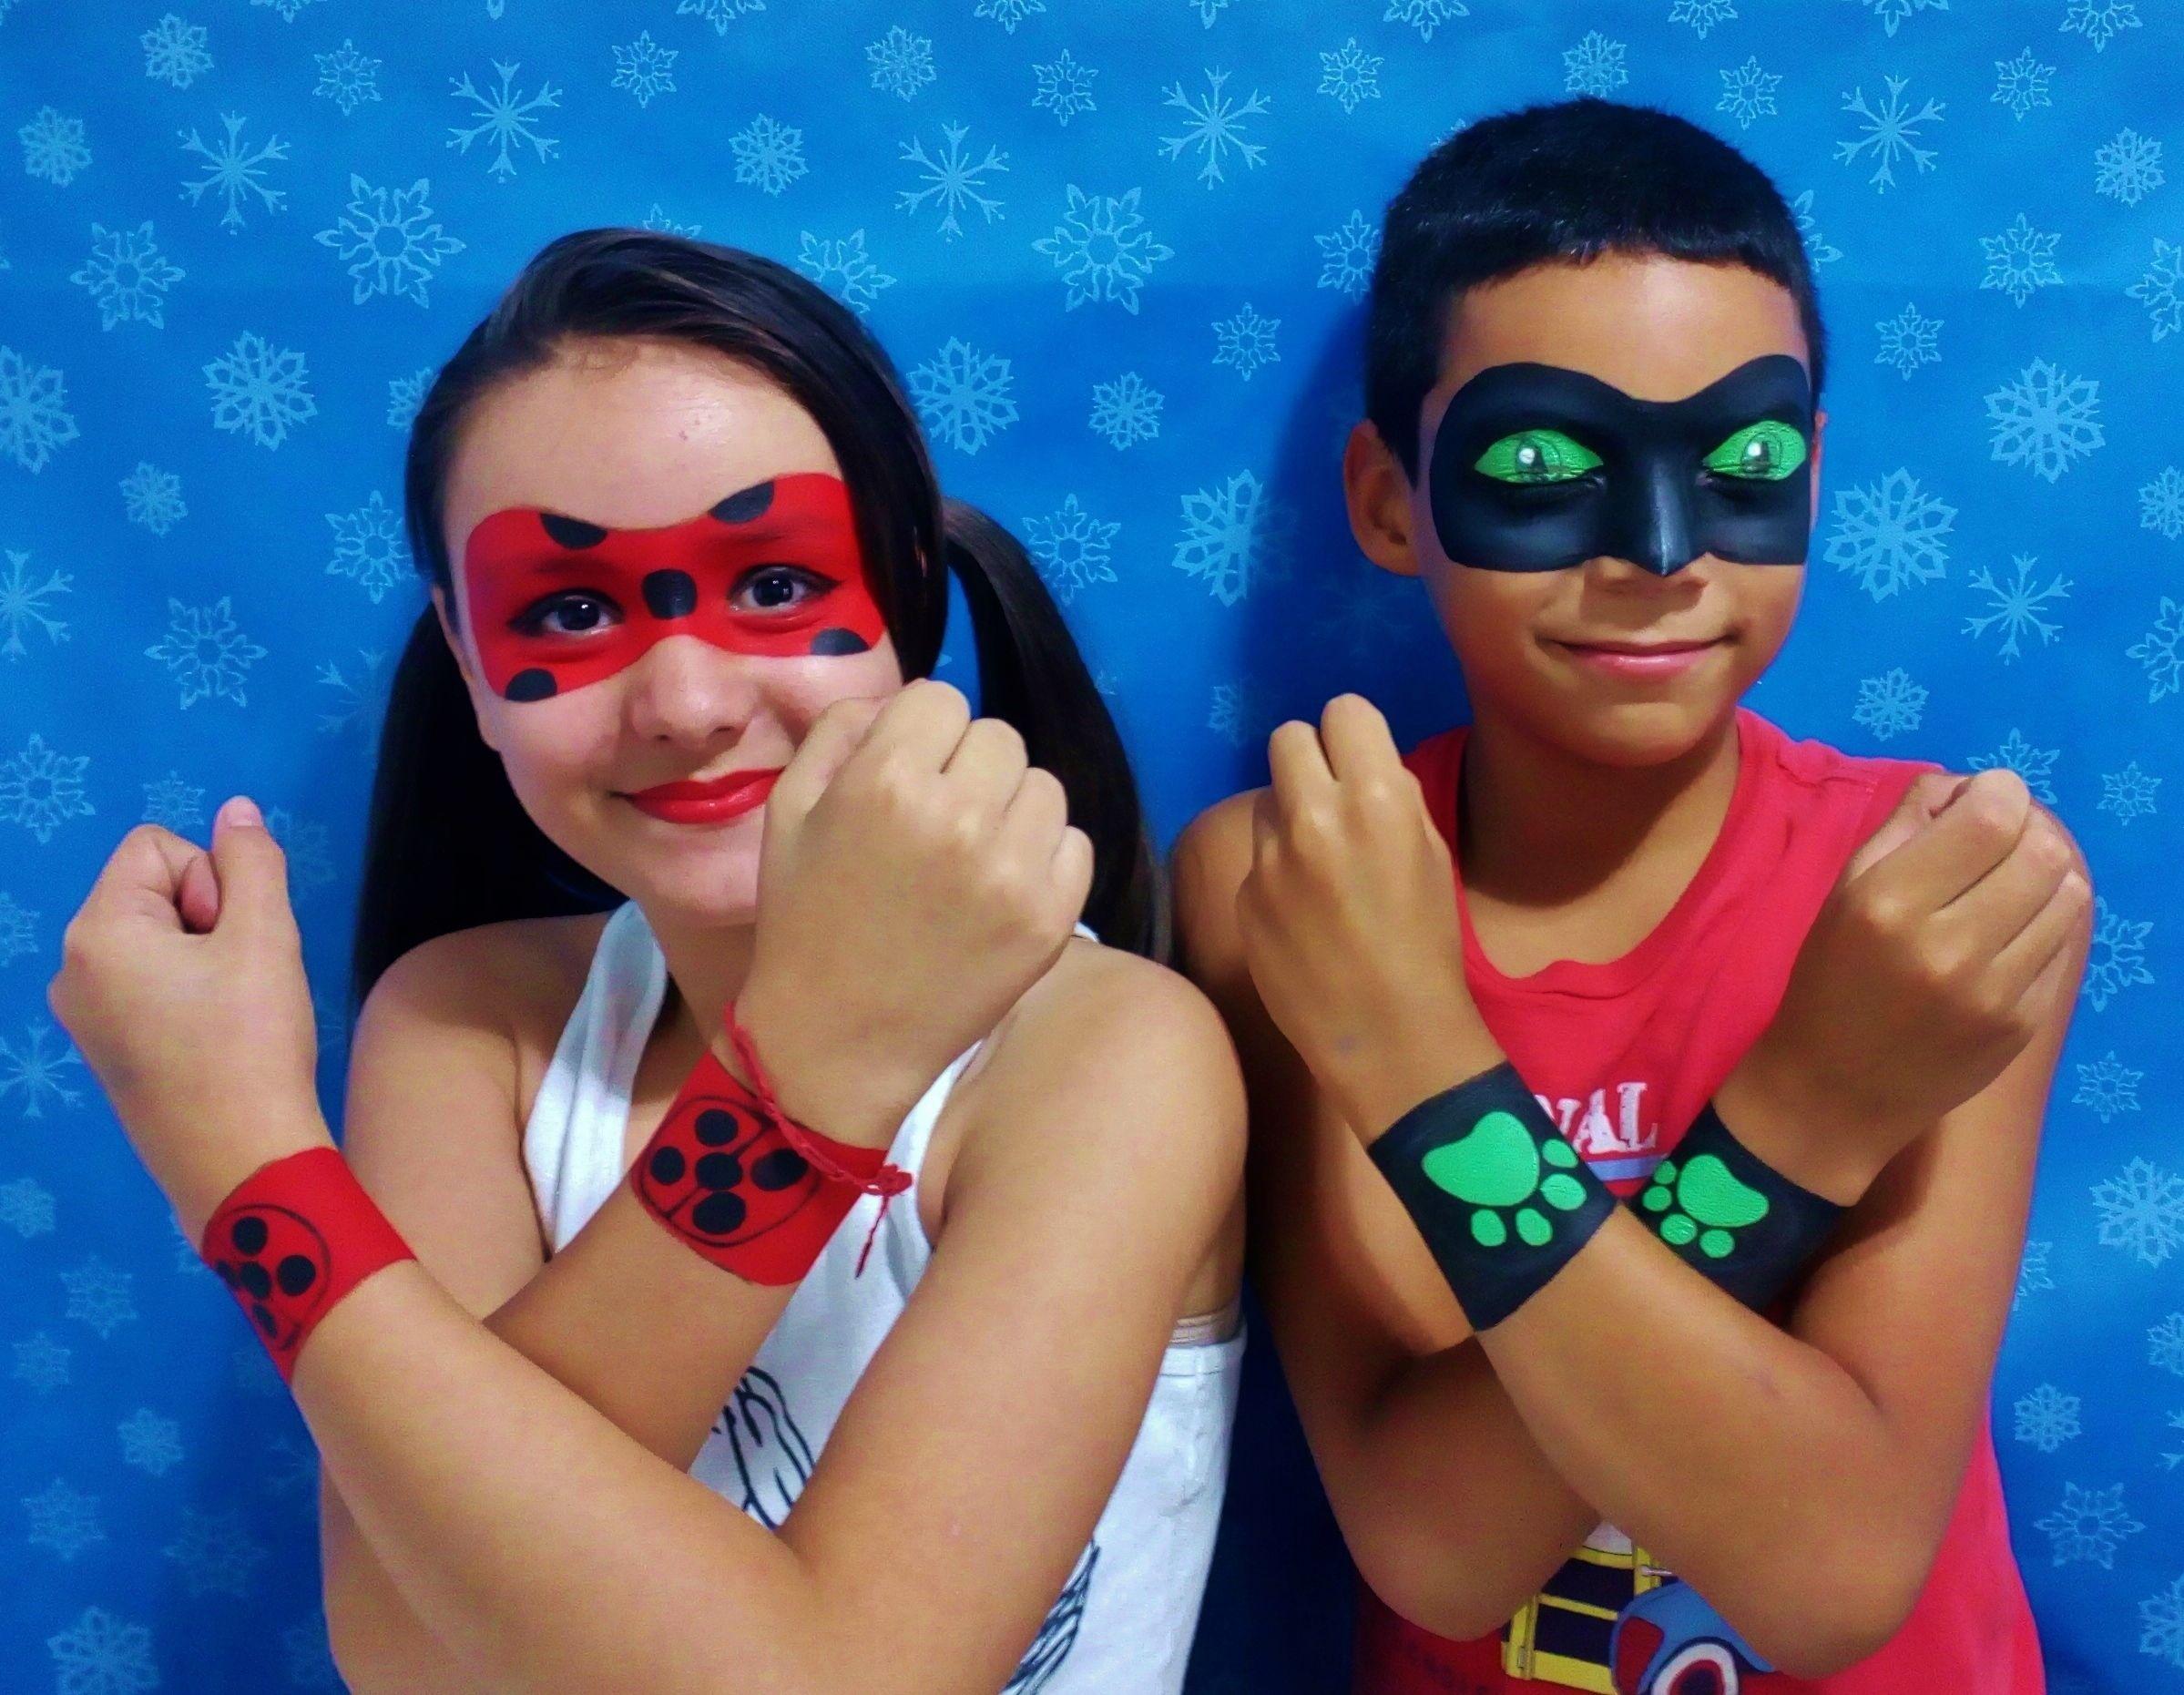 Sarah Cruz Pintura Facial Ladybug E Cat Noir Face Painting Maquillaje Infantil Caras Pintadas Maquillaje Para Ninas